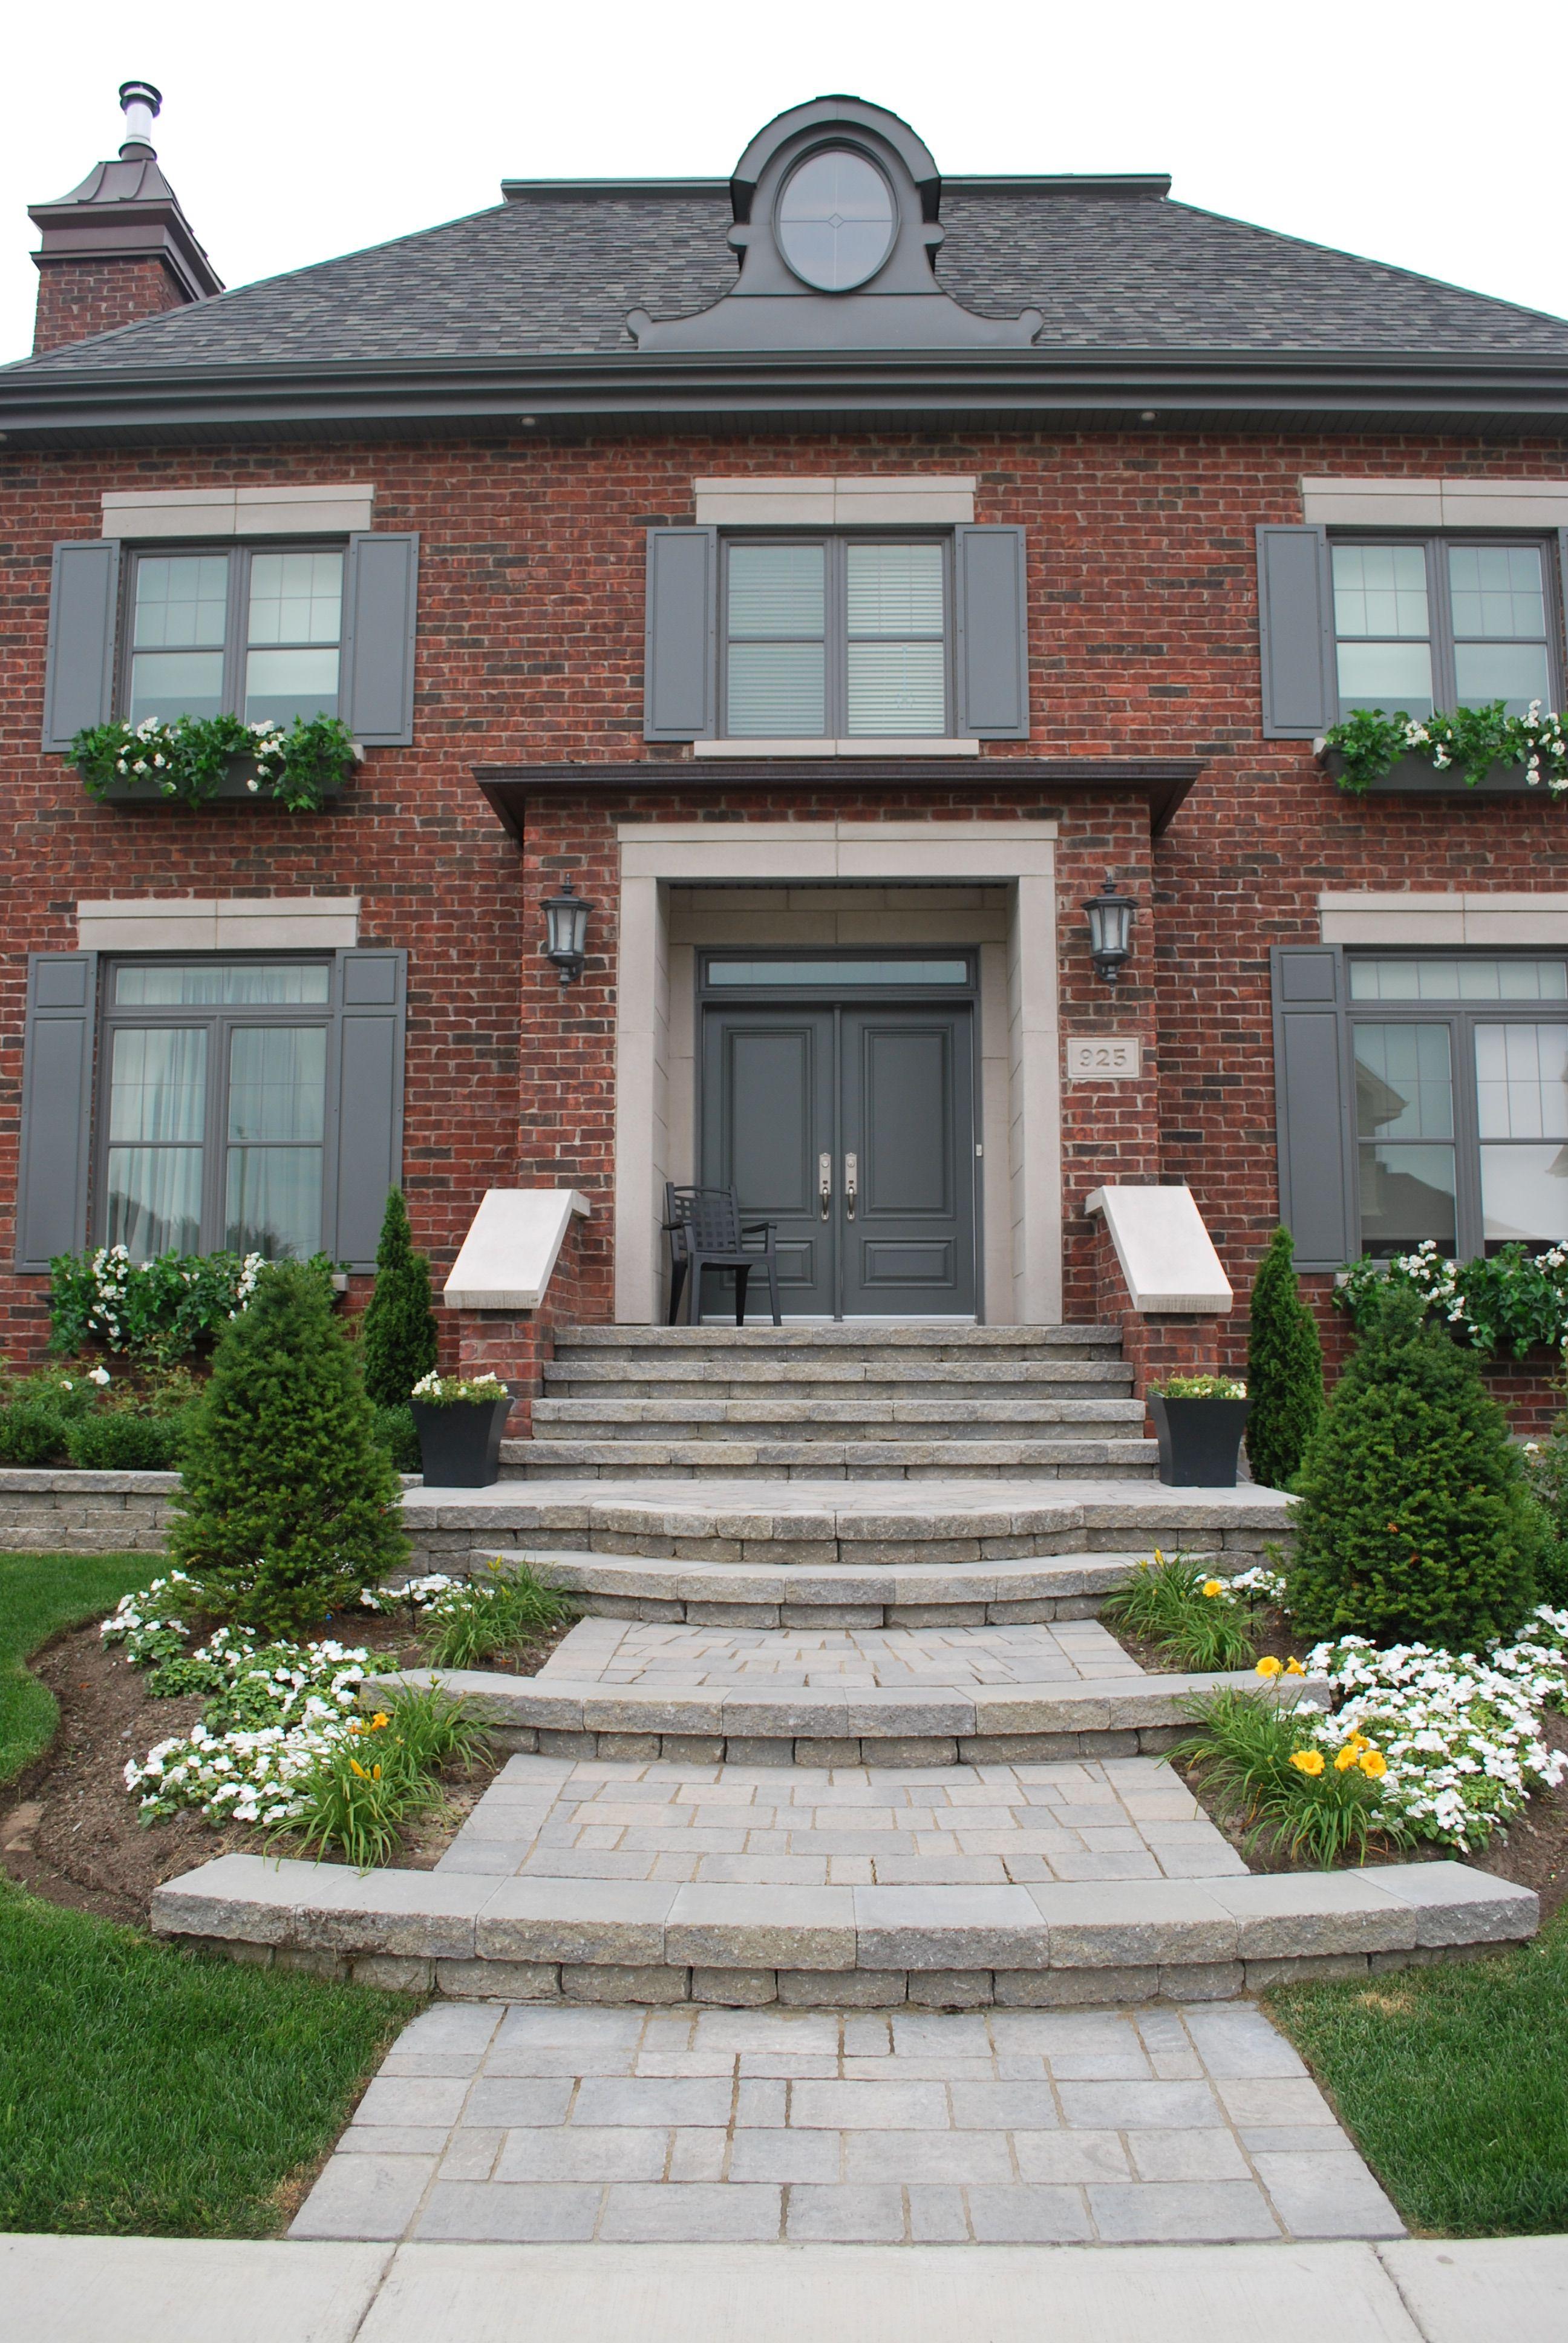 Am nagement paysager de la fa ade de la maison avec escalier pav moderne permacon et for Amenagement paysager moderne